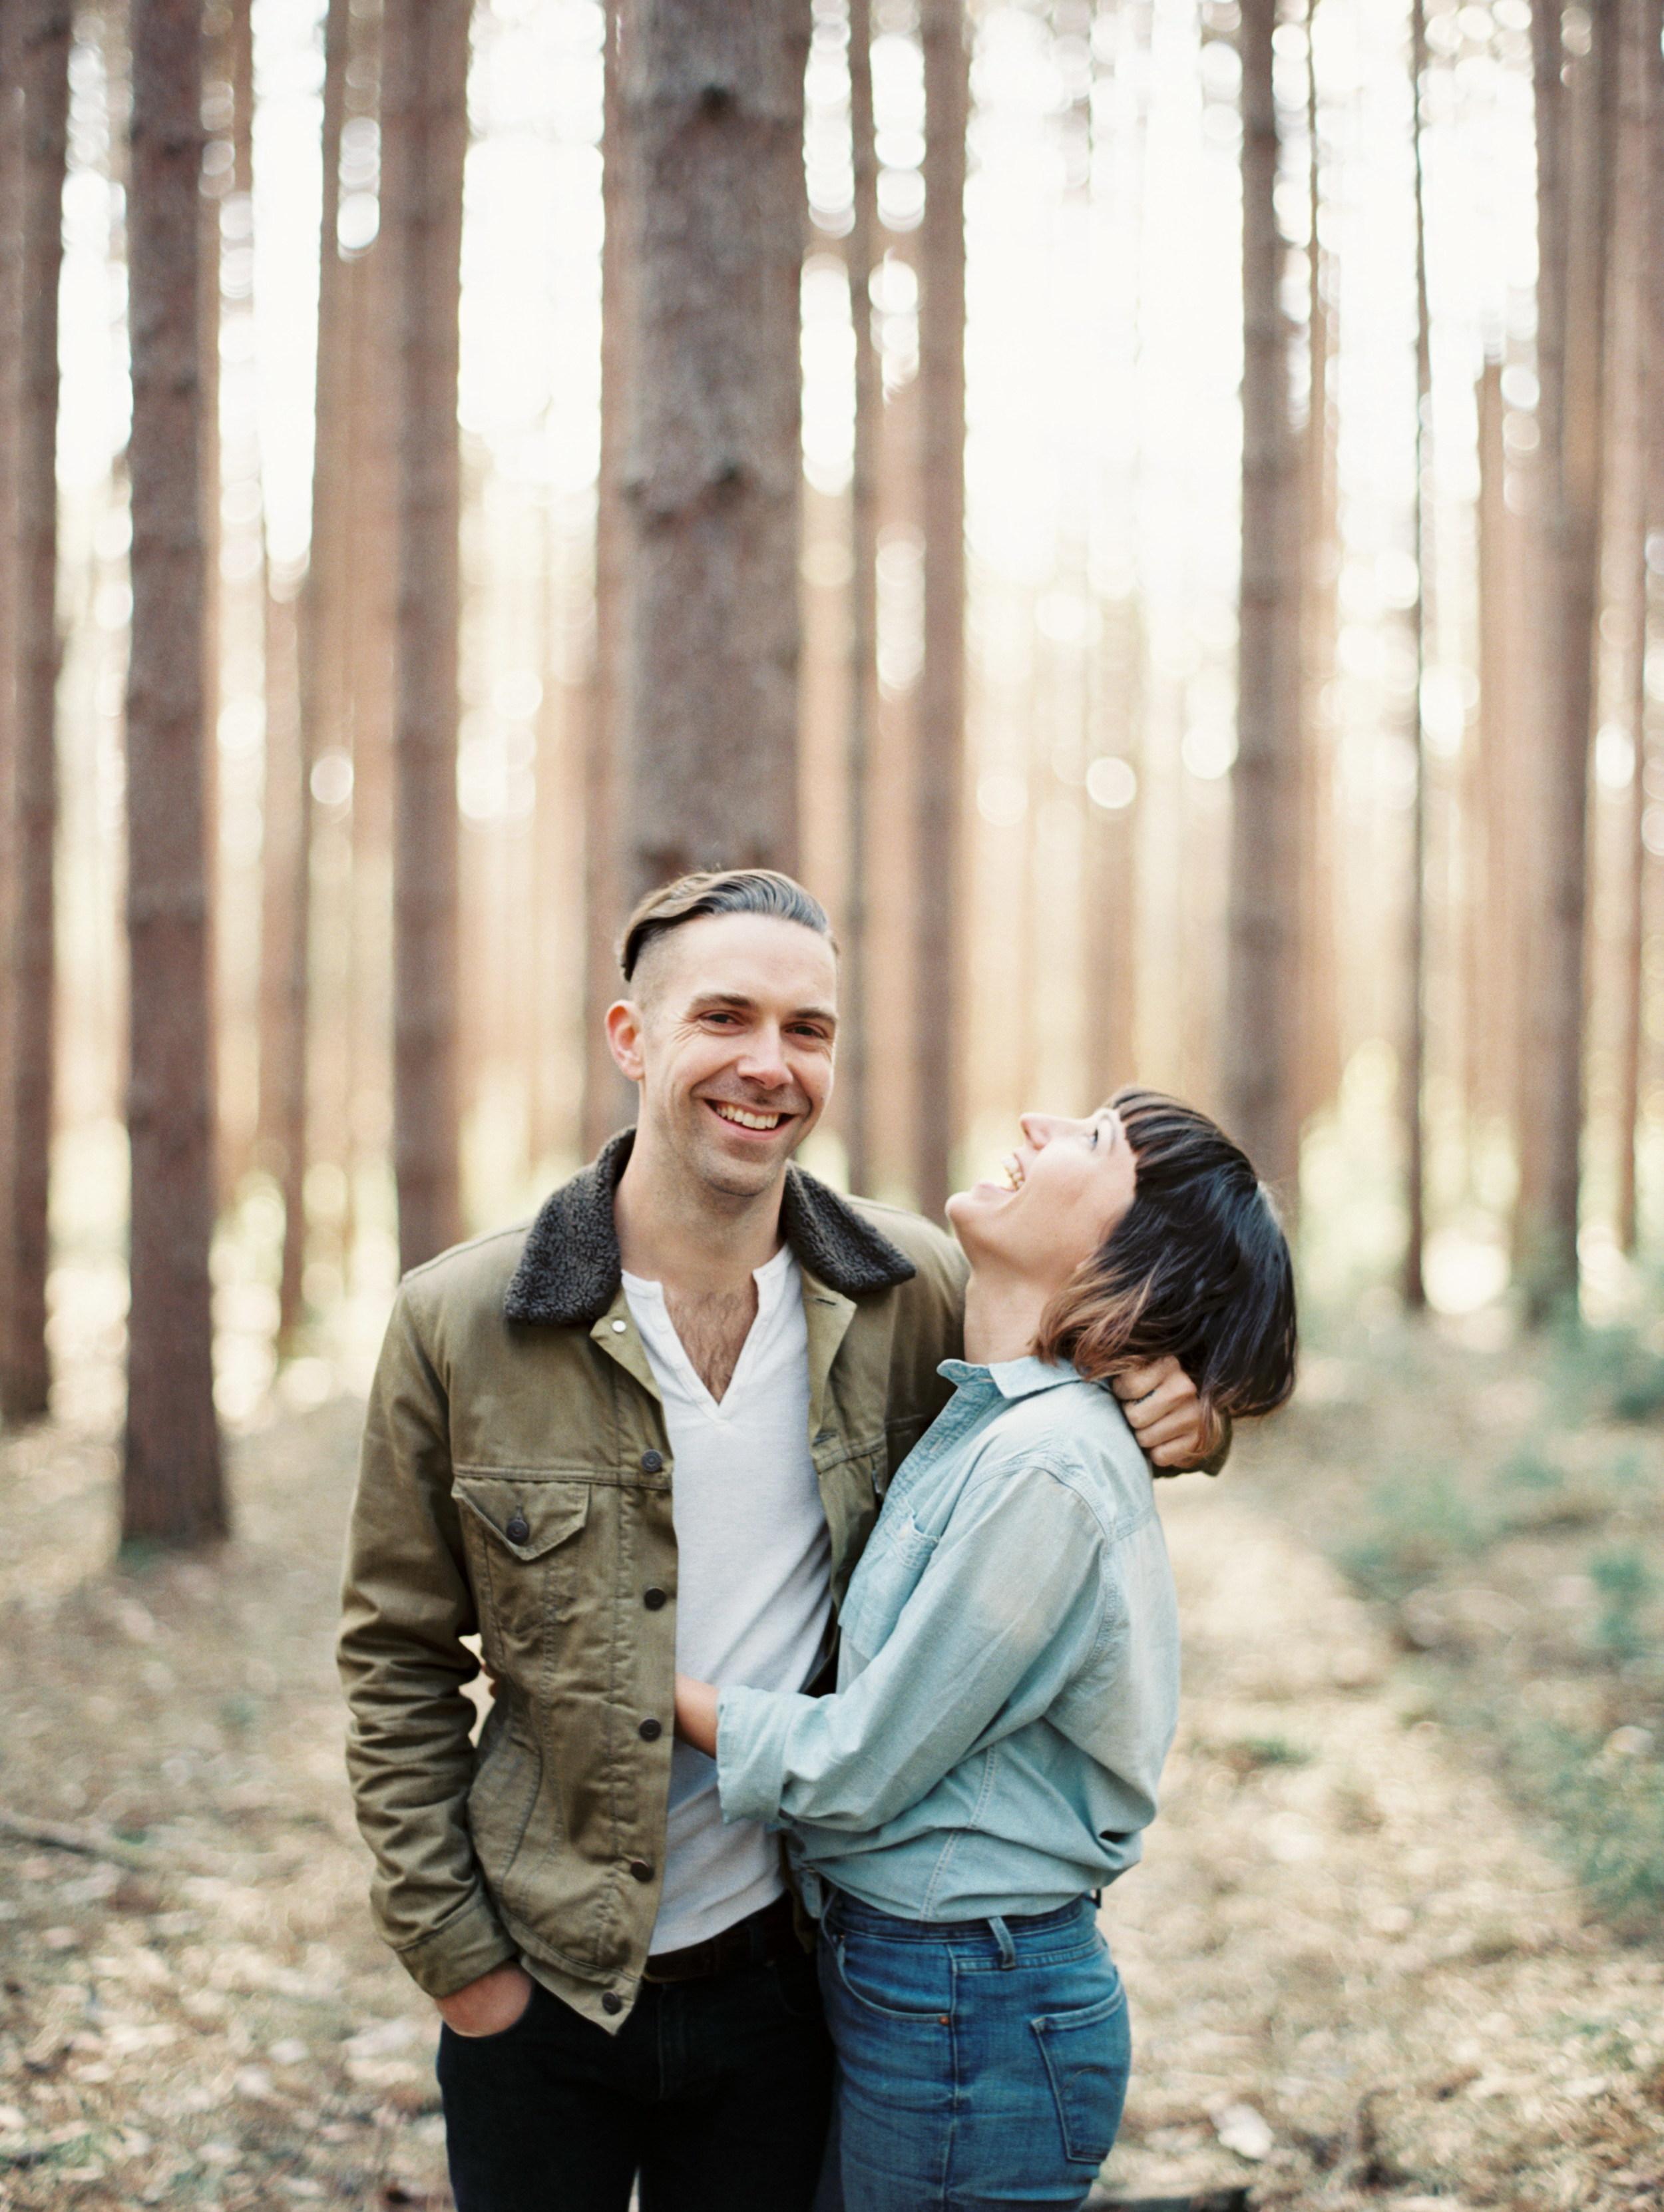 Kyle John l Fine Art Wedding Photography l Chicago, Copenhagen, Destination l Blog l Tes & Daniel_28